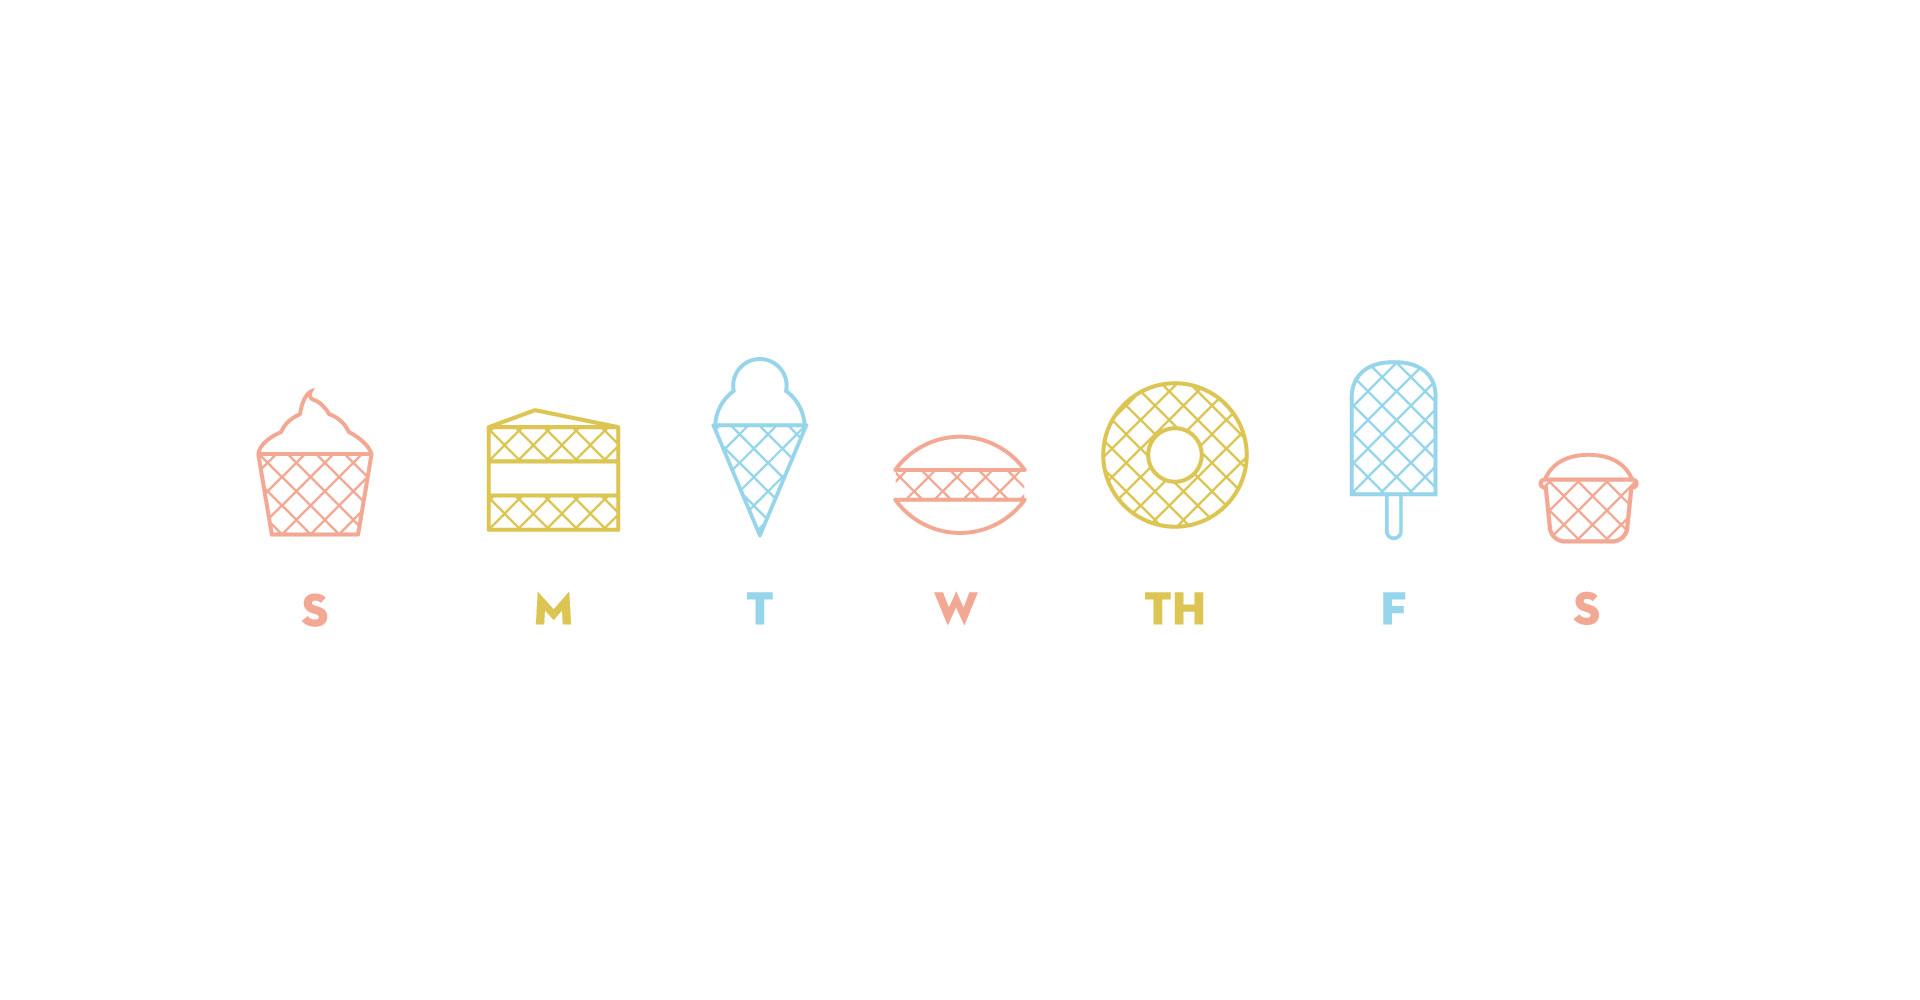 Creative_Retail_Packaging_Sweet_Week_Seattle_Branding_Design_02.jpg